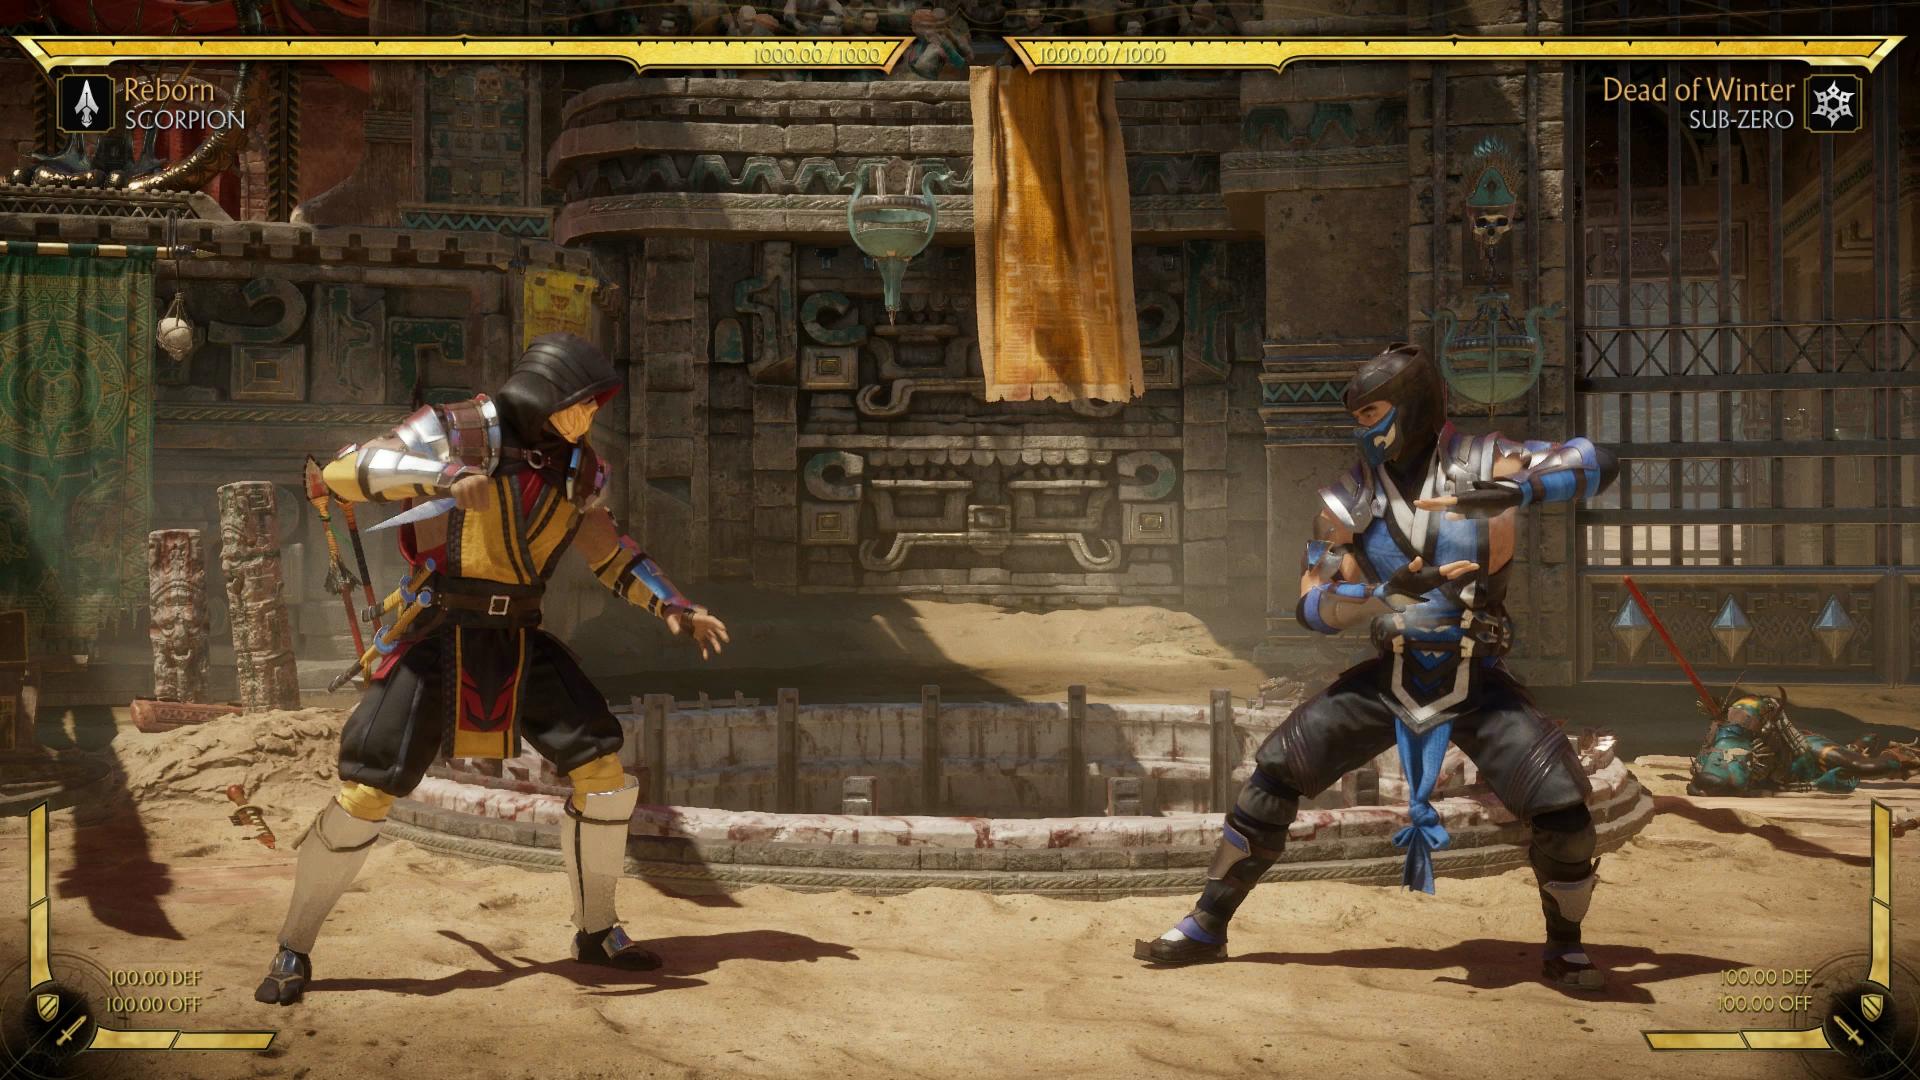 Mortal Kombat 11: Introduction, Gameplay & Mechanics